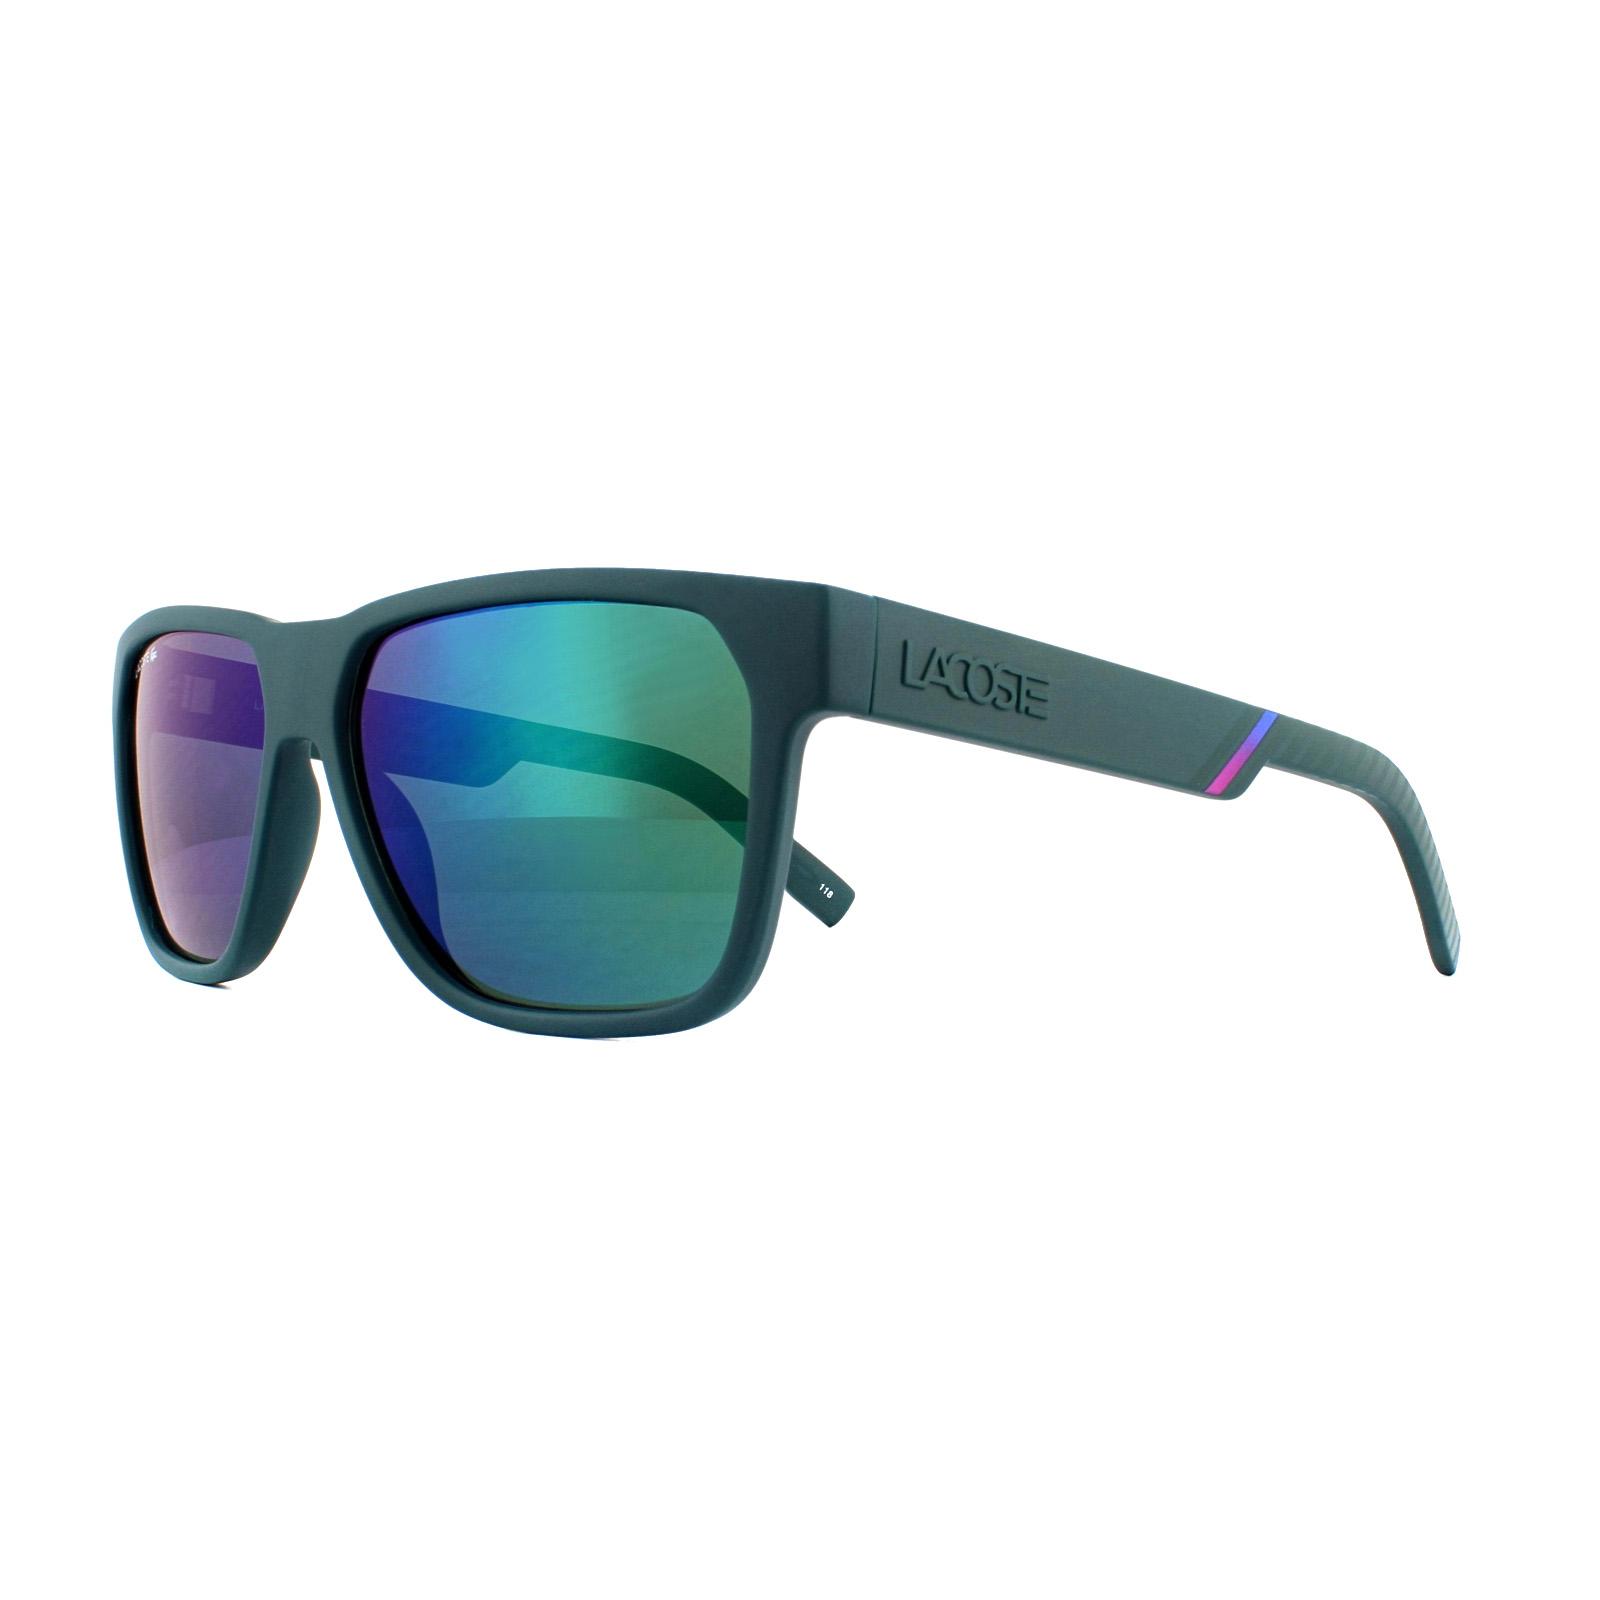 ada7ad3eb18 Lacoste Sunglasses L867S 315 Matte Green Green Mirror 886895333610 ...